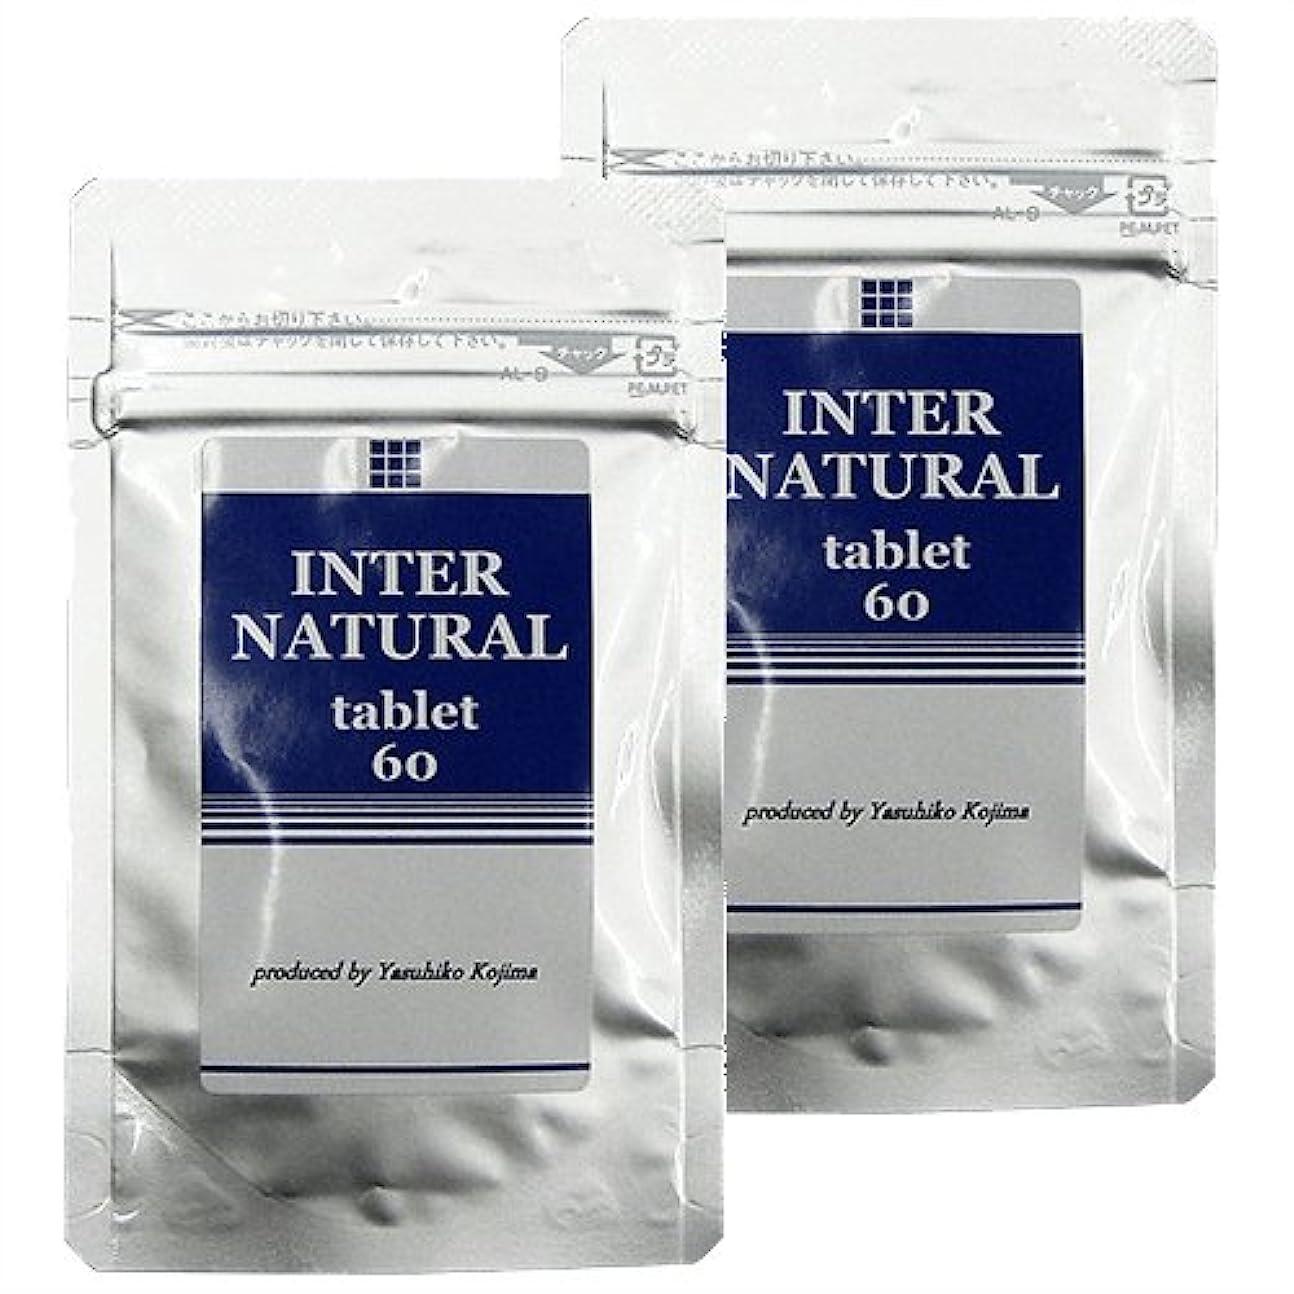 所持エステート礼拝インターナチュラル タブレットタイプ(INTER NATURAL tablet) 120粒